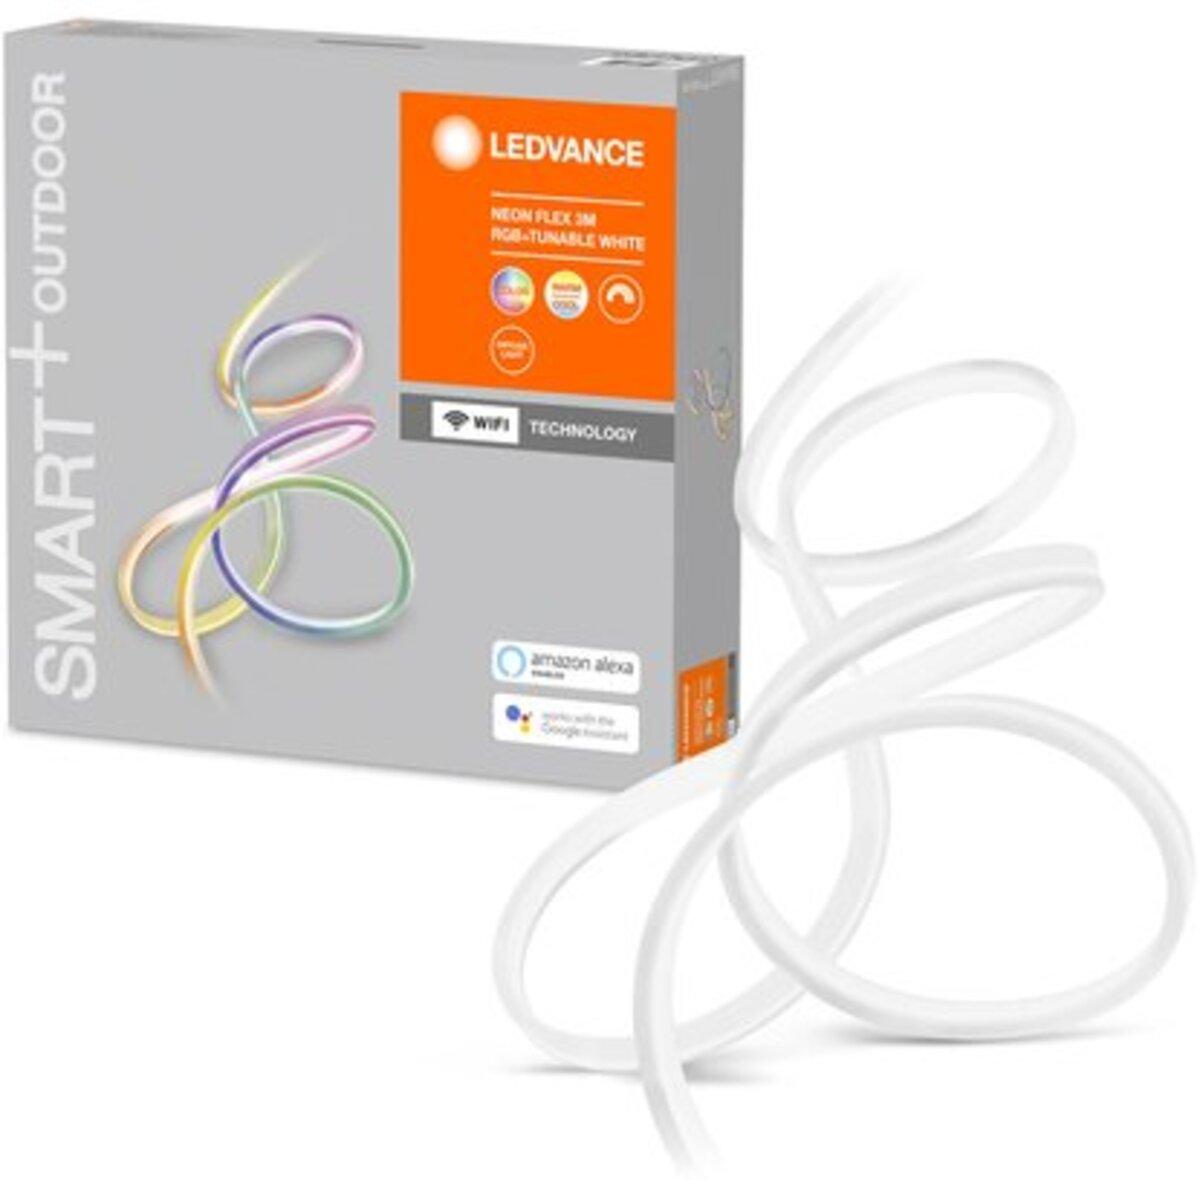 Bild 1 von Ledvance Smart+WiFi Flexband Neonflex Außenbereich 3 Meter Farbwechsel